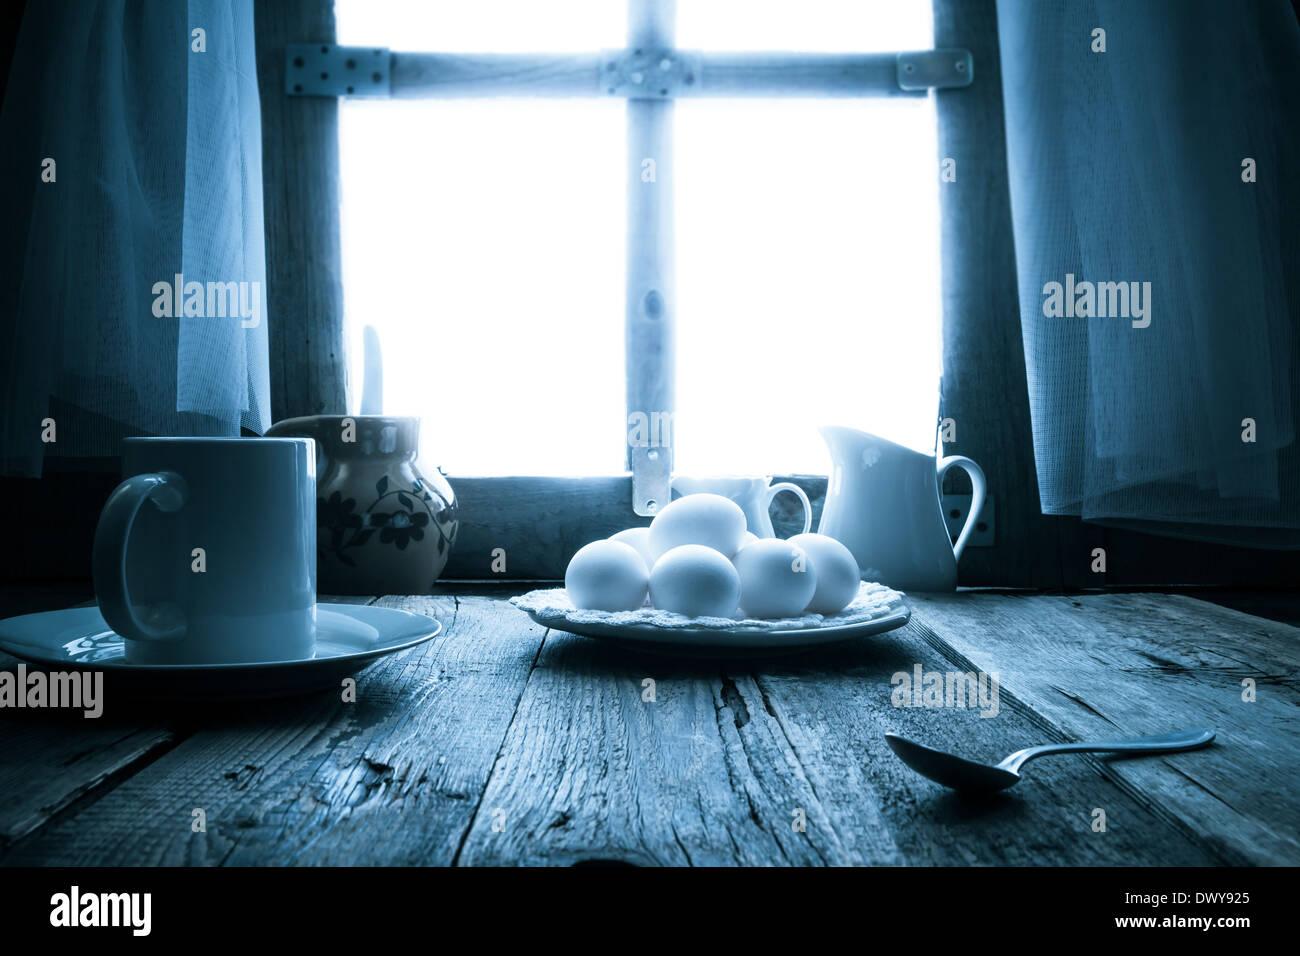 La mesa de la cocina antigua en una casita rural en la mañana Imagen De Stock